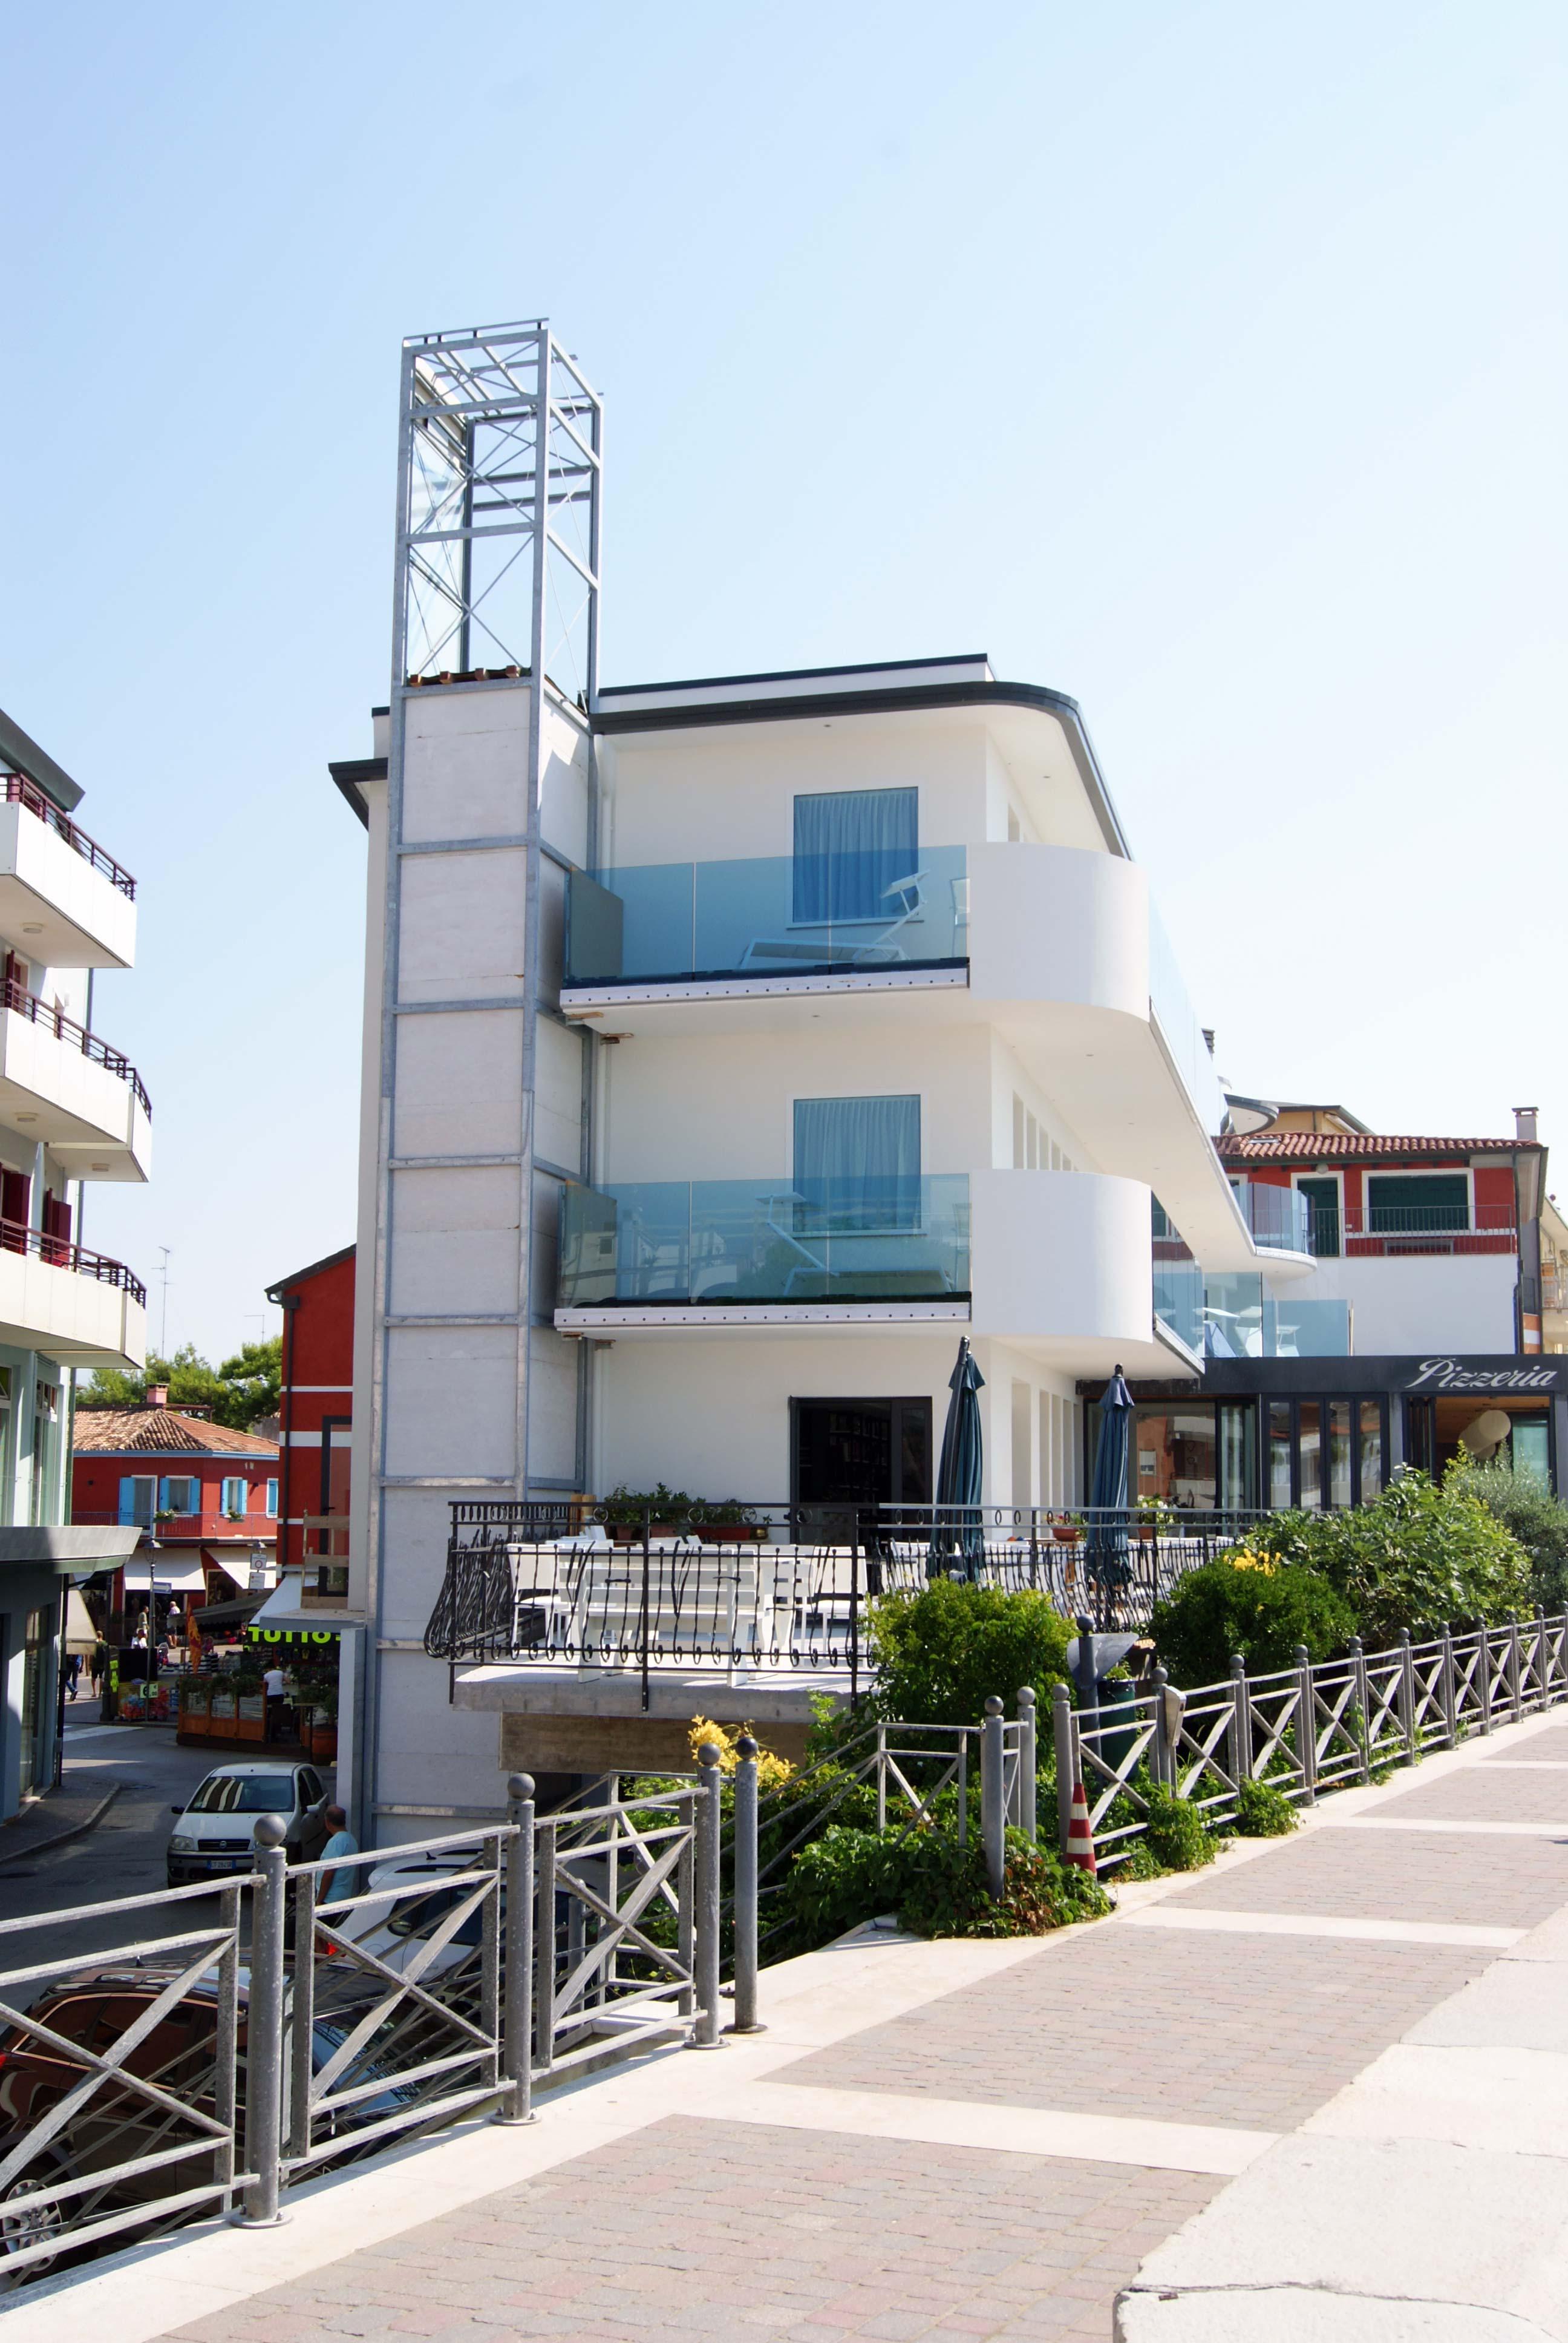 Vista frontale hotel Negretto